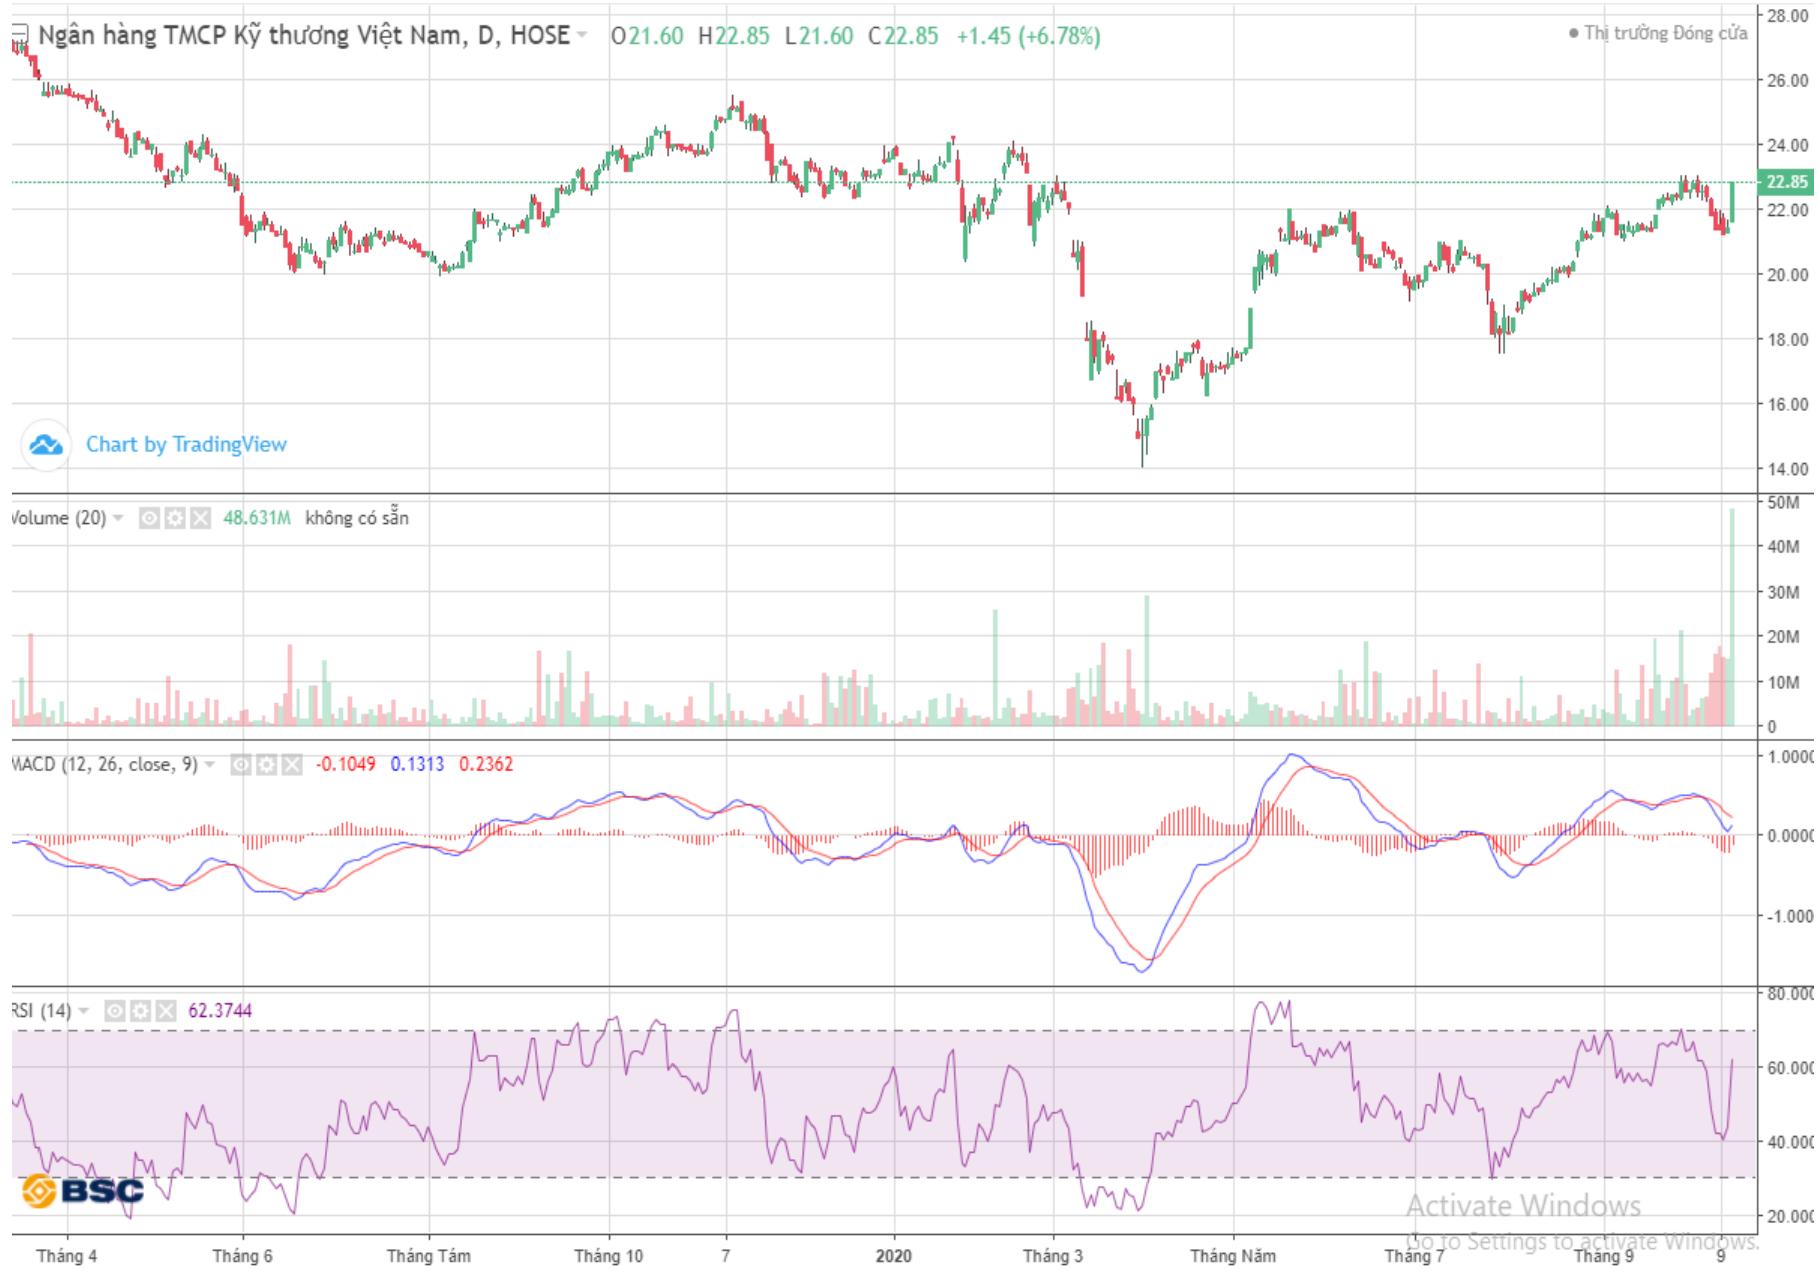 Cổ phiếu tâm điểm ngày 15/10: TCB, SBT, GDT - Ảnh 2.